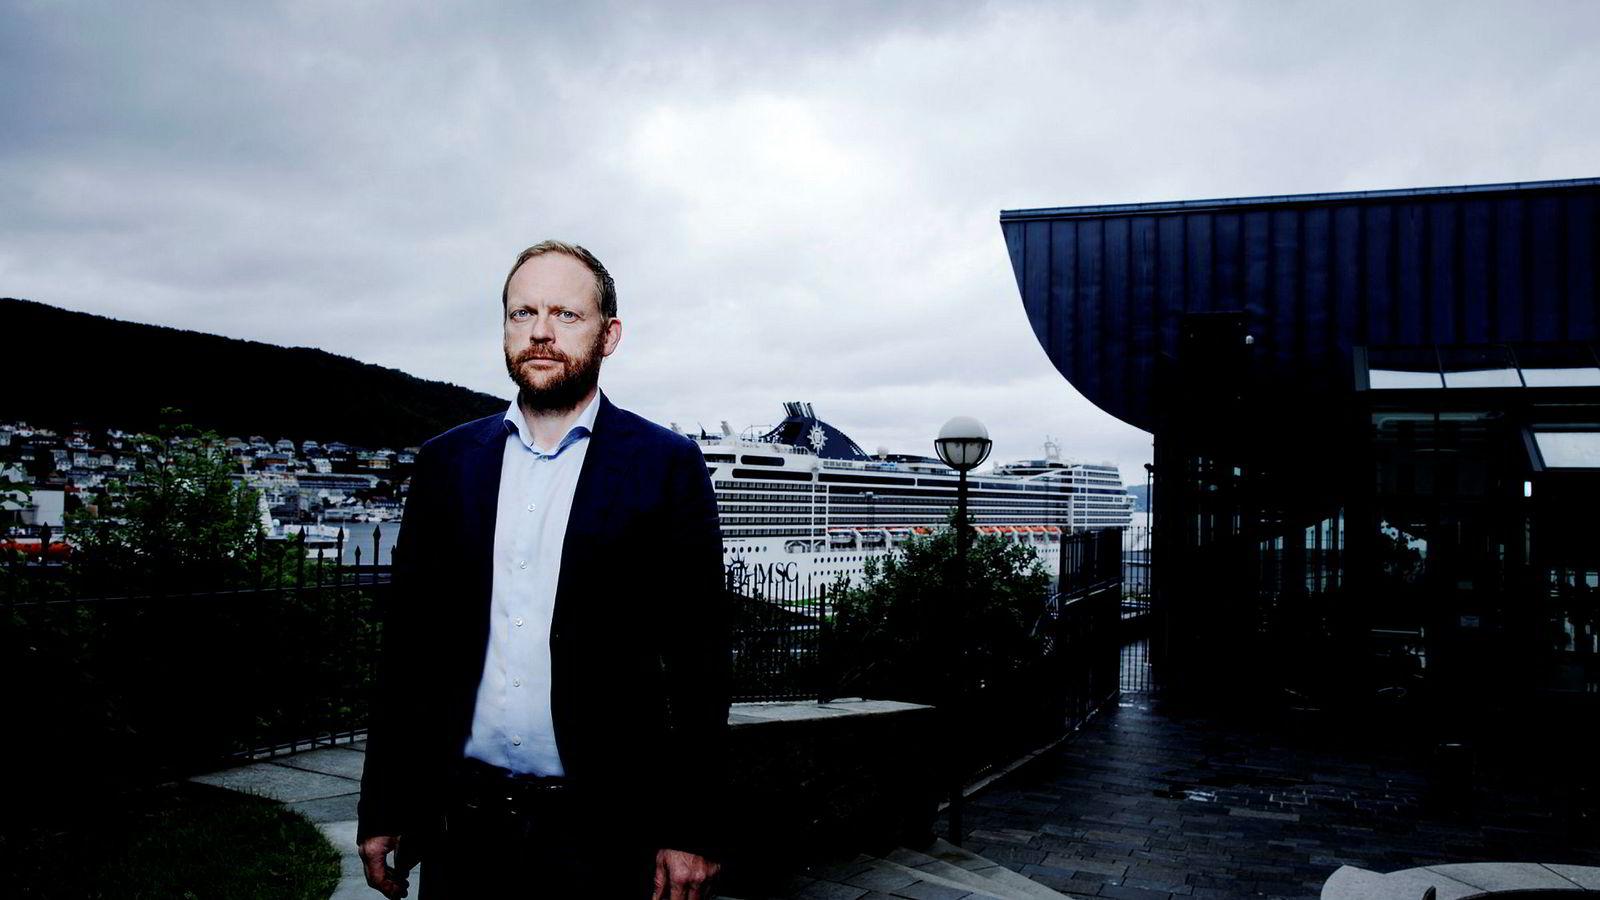 Professor Jon Petter Rui ved Universitetet i Tromsø mener det er oppsiktsvekkende at Vipps ikke har fulgt retningslinjene for kontrolleringen av transaksjoner.